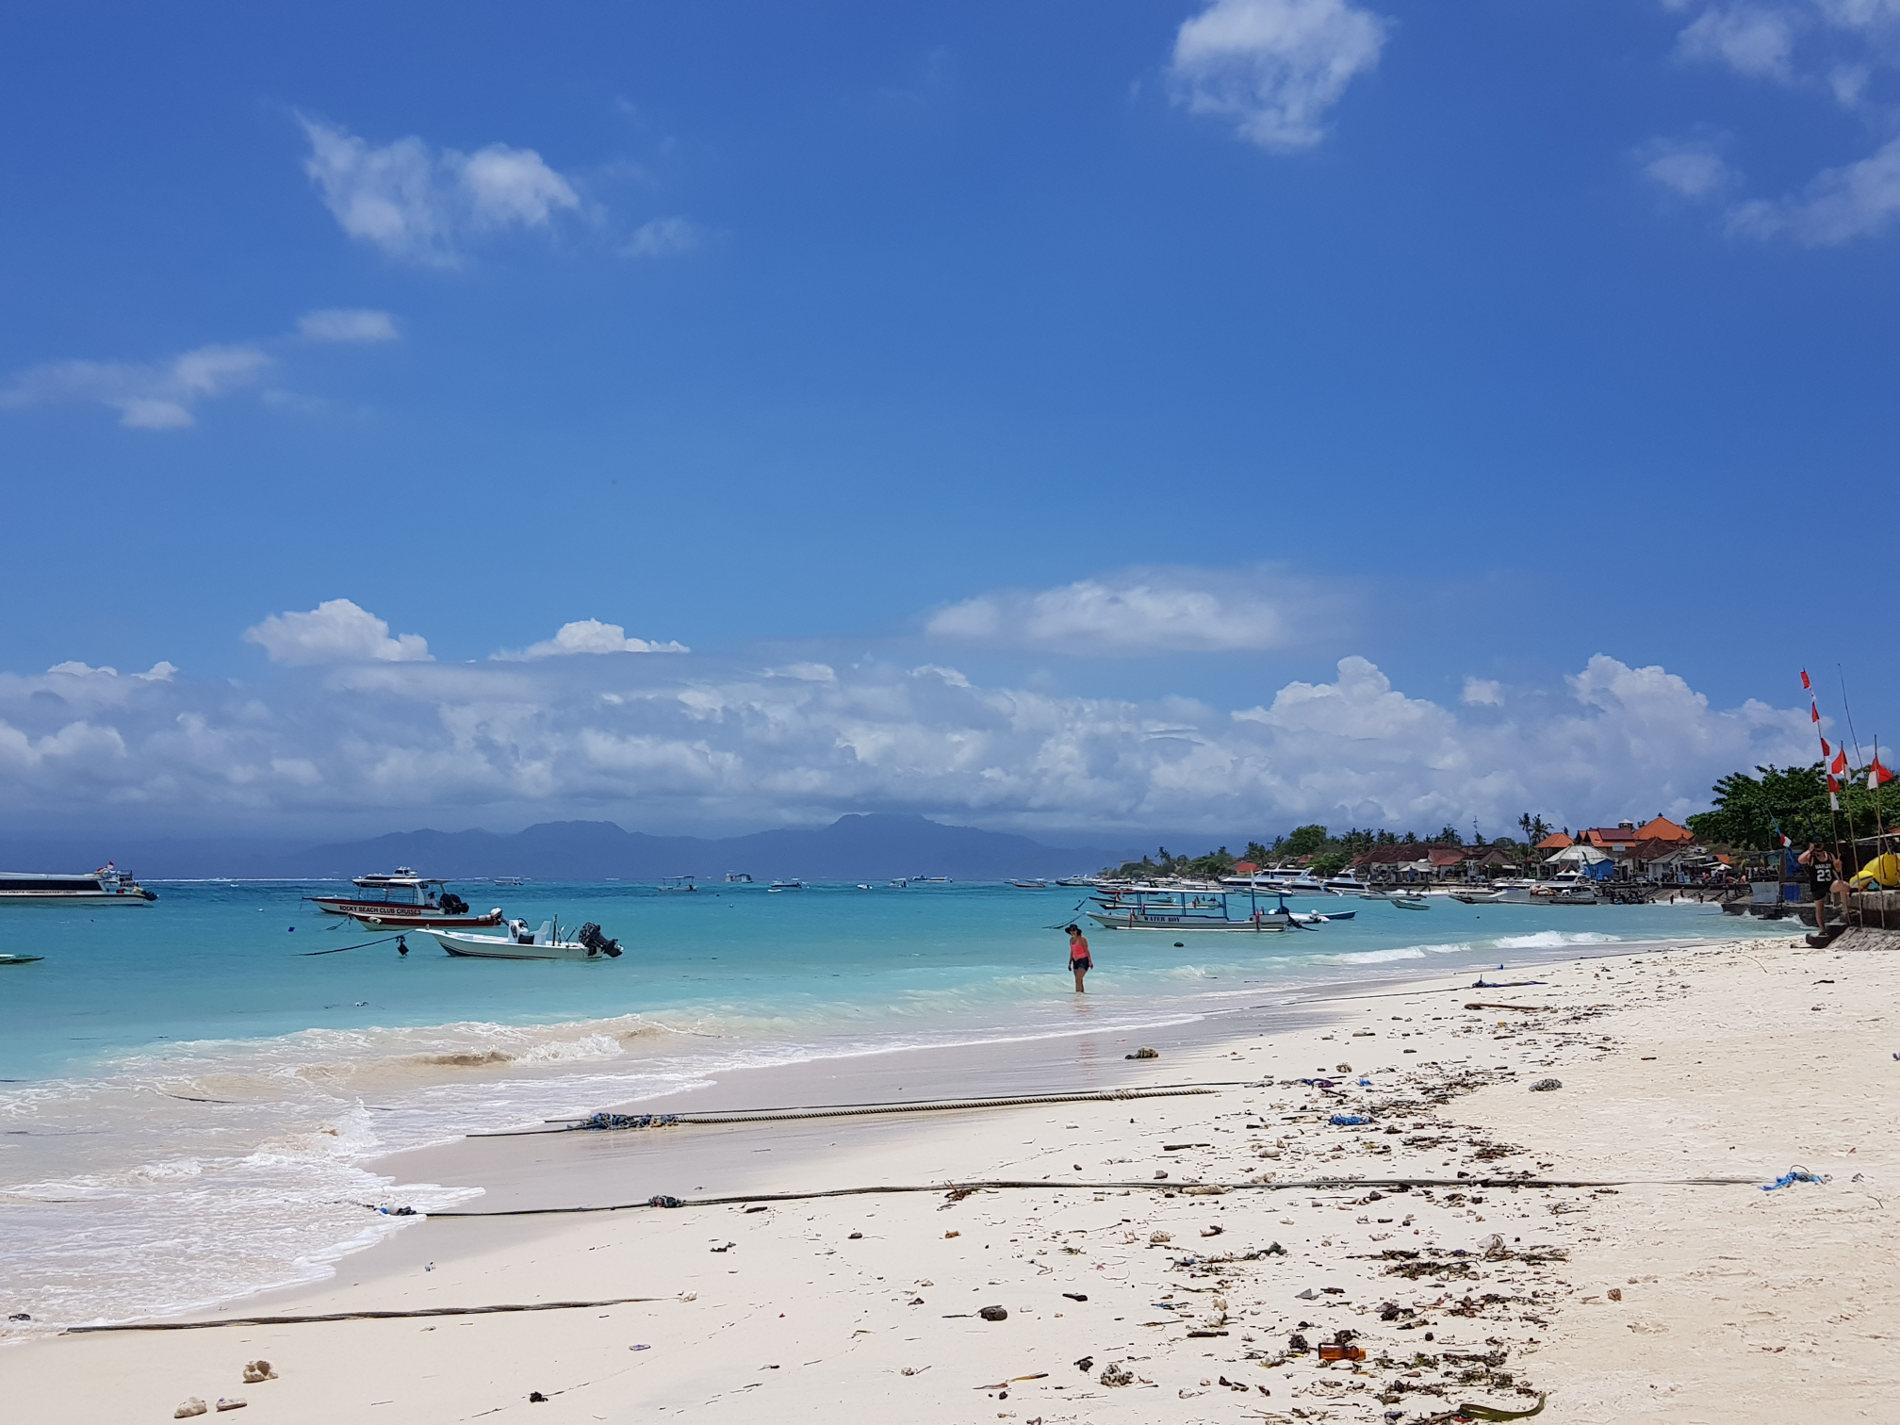 Spunti di Viaggio-Perchè andare e cosa vedere a Nusa Lembongan. lo sbrco a nusa Lembongan